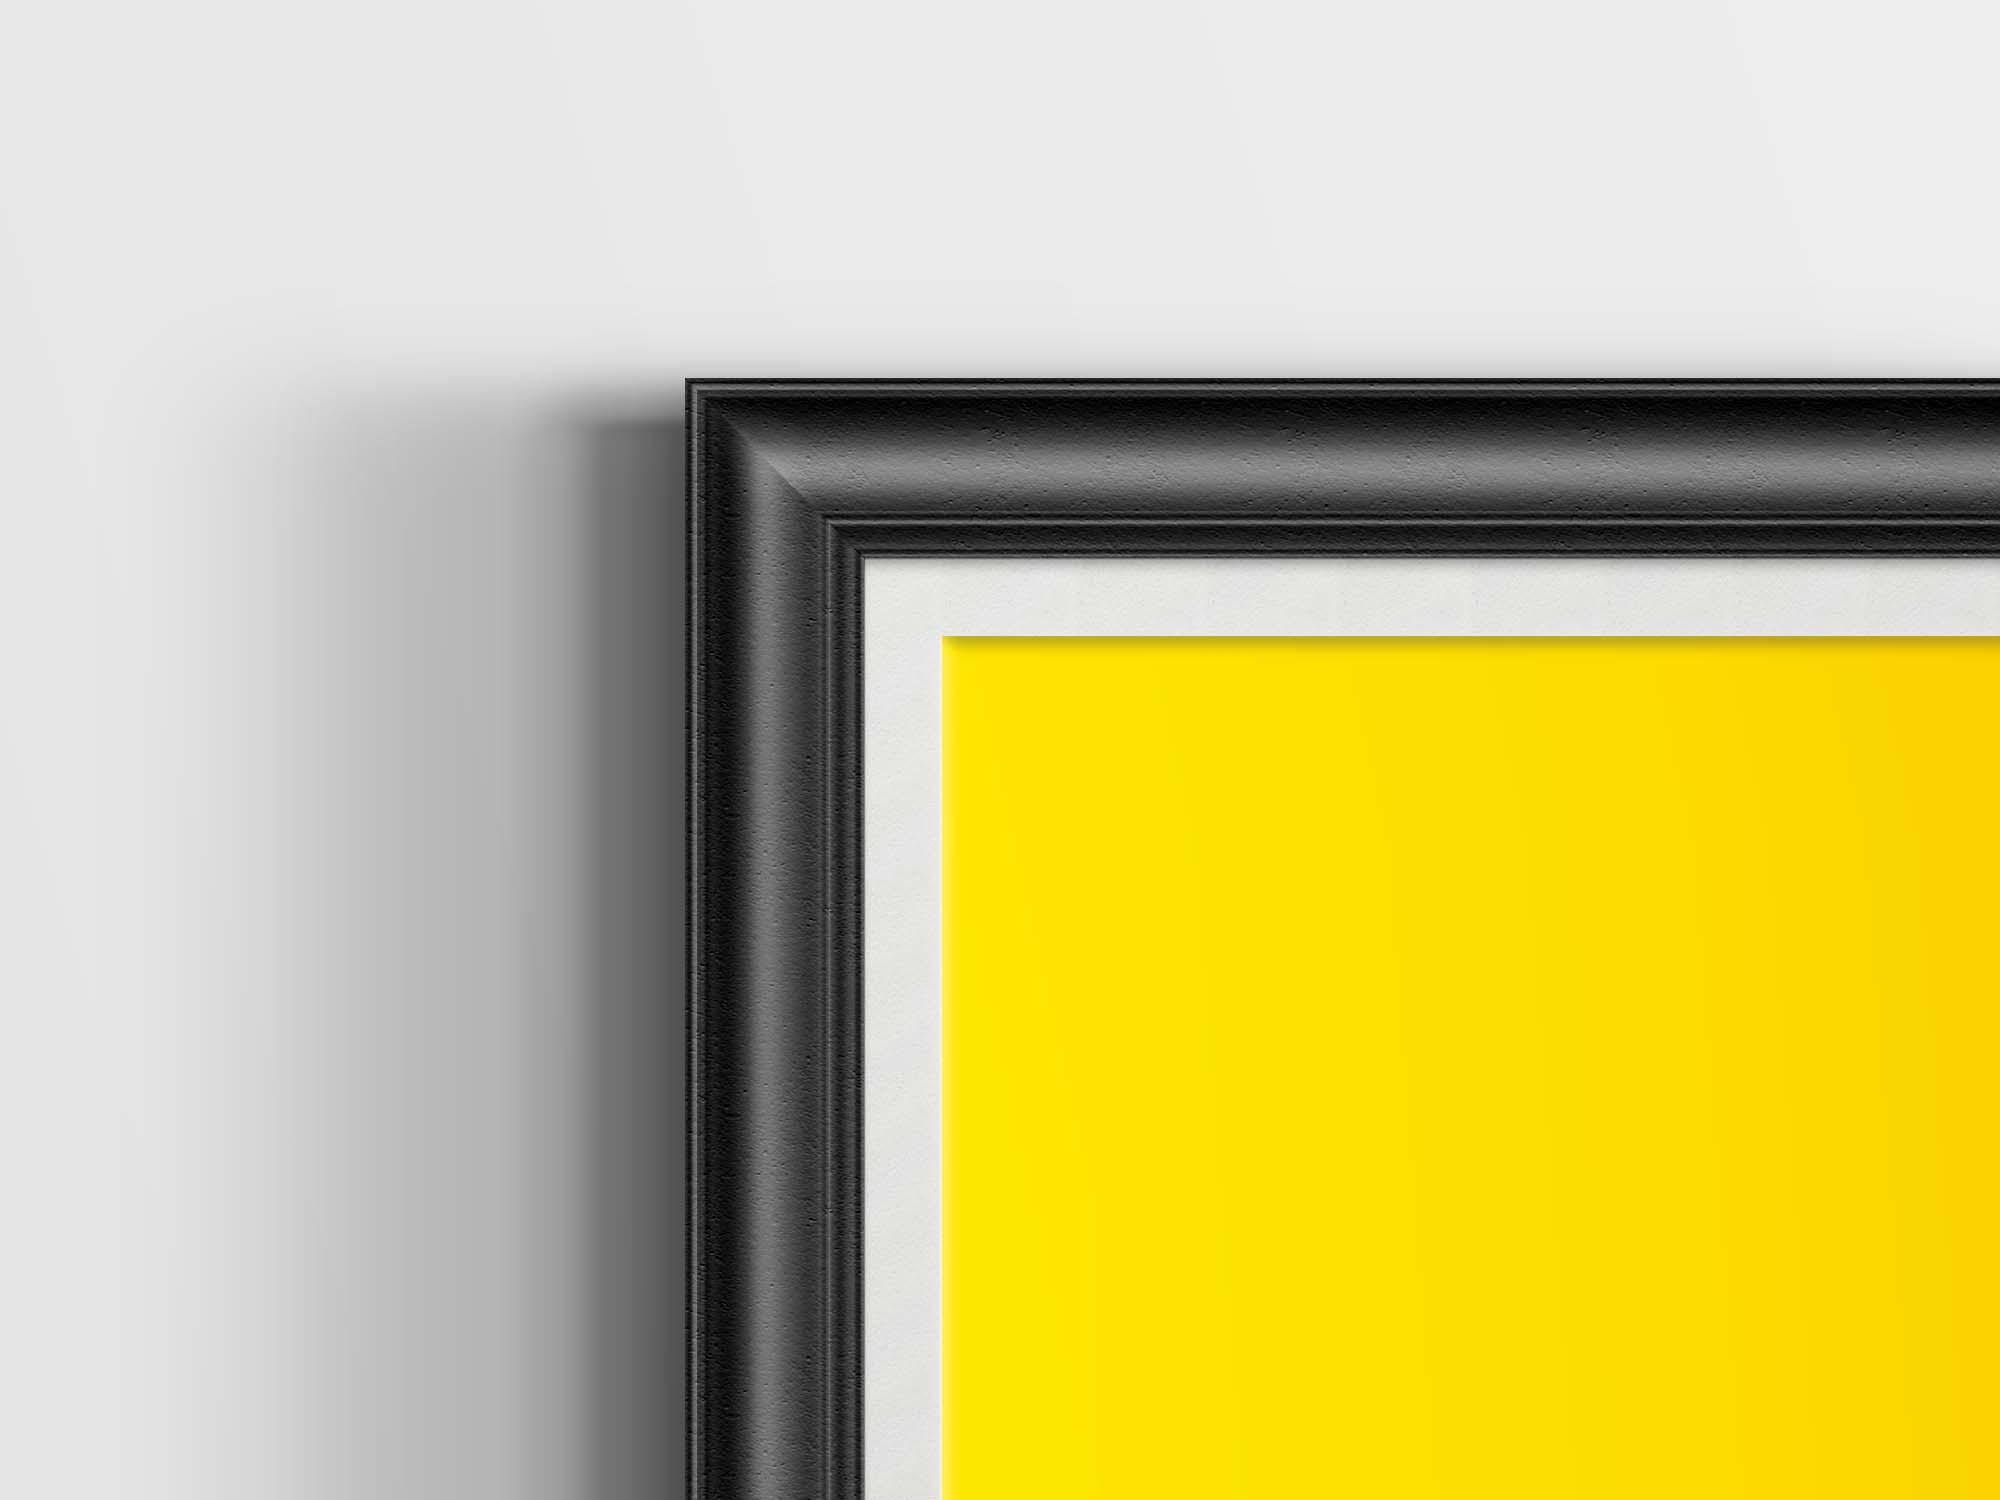 Retro Poster Frame Mockup - Zoom